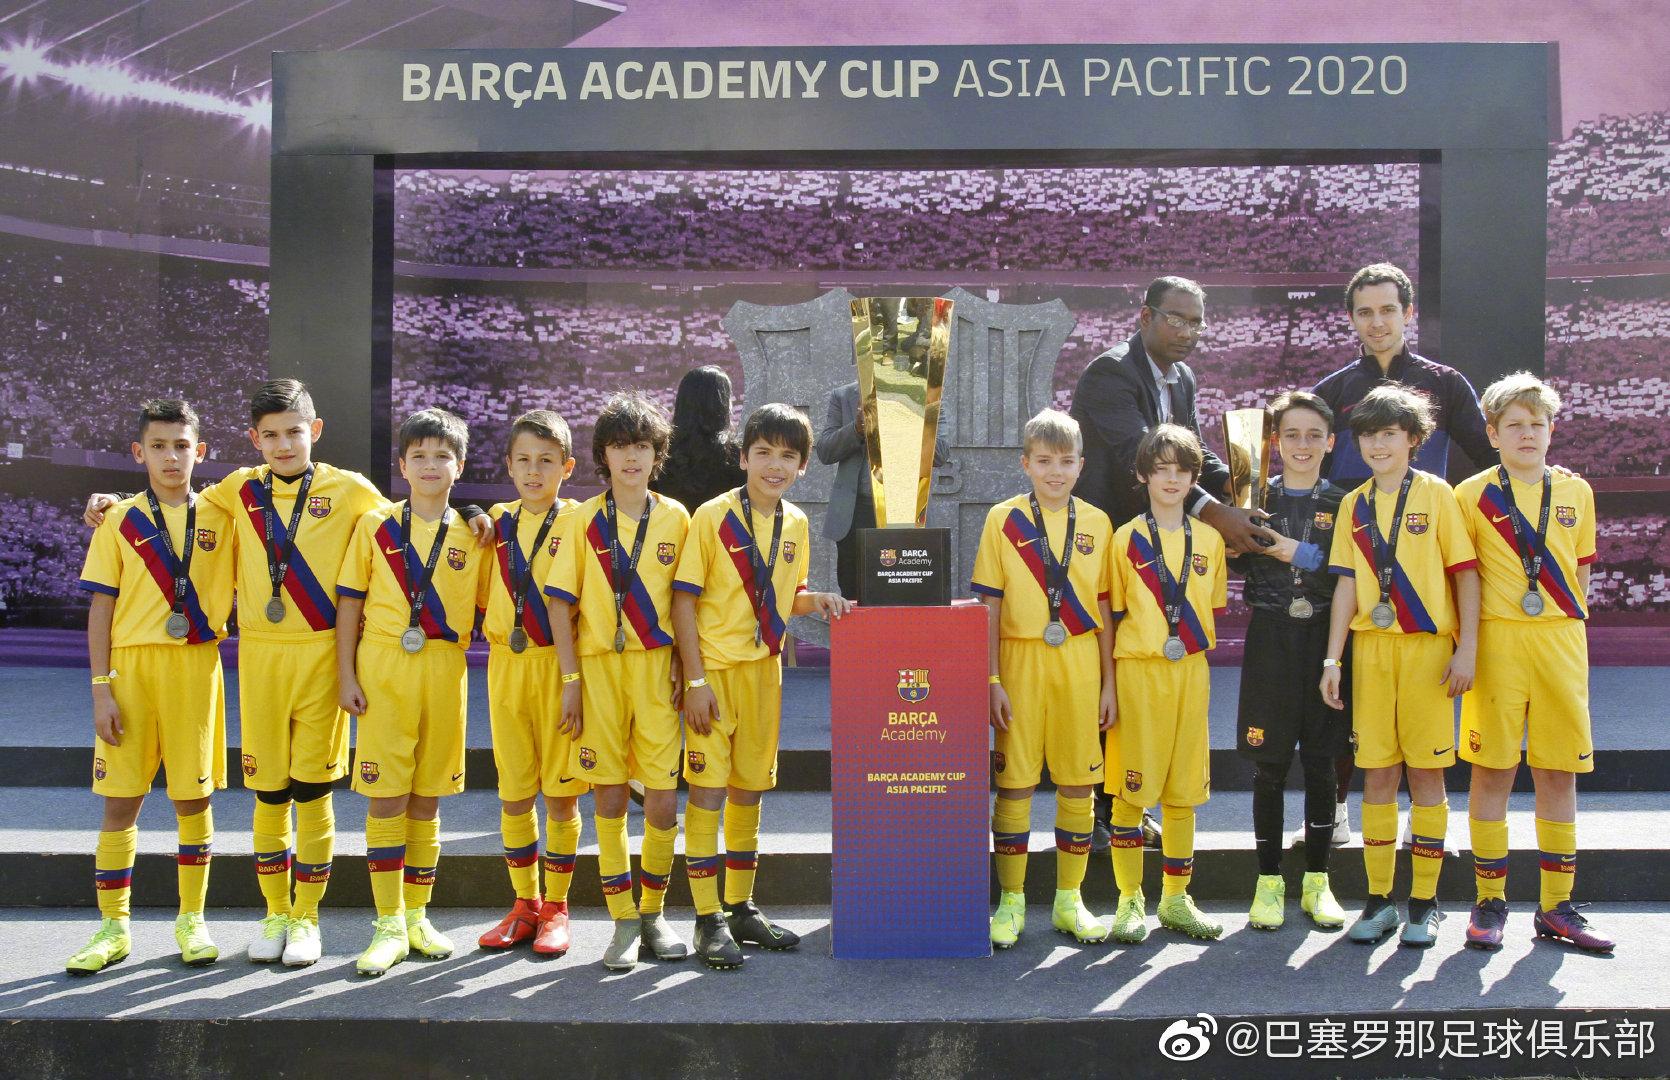 巴萨足球学院亚太杯颁奖典礼